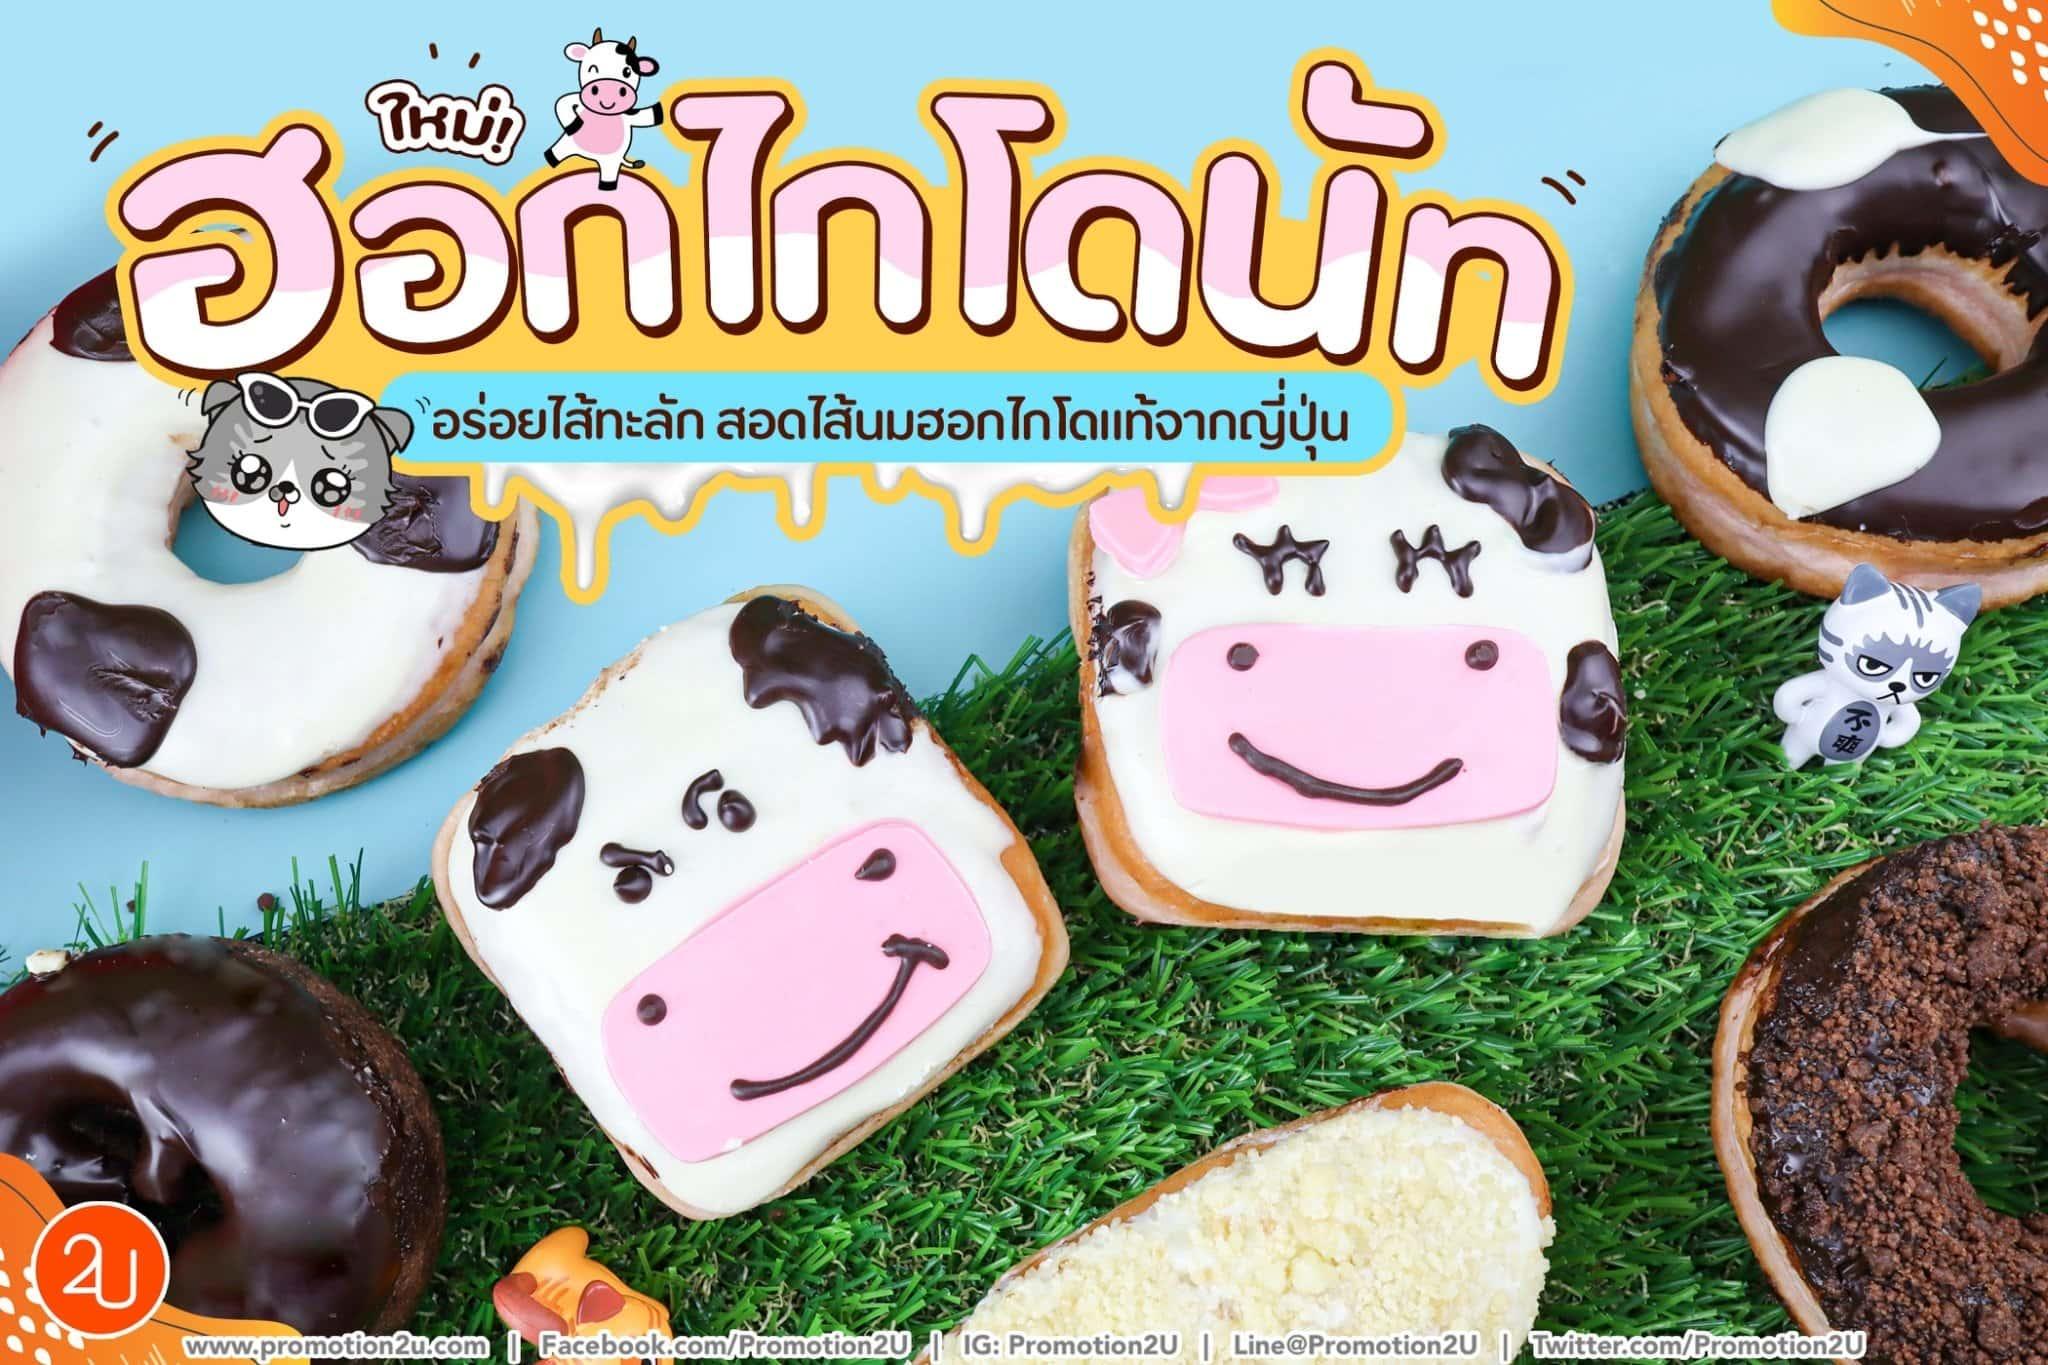 เมนูใหม่! 'ฮอกไกโดนัท' โดนัทรูปน้อนวัว หวานละมุนหอมกลิ่นนมฮอกไกโด!!! @Mister Donut